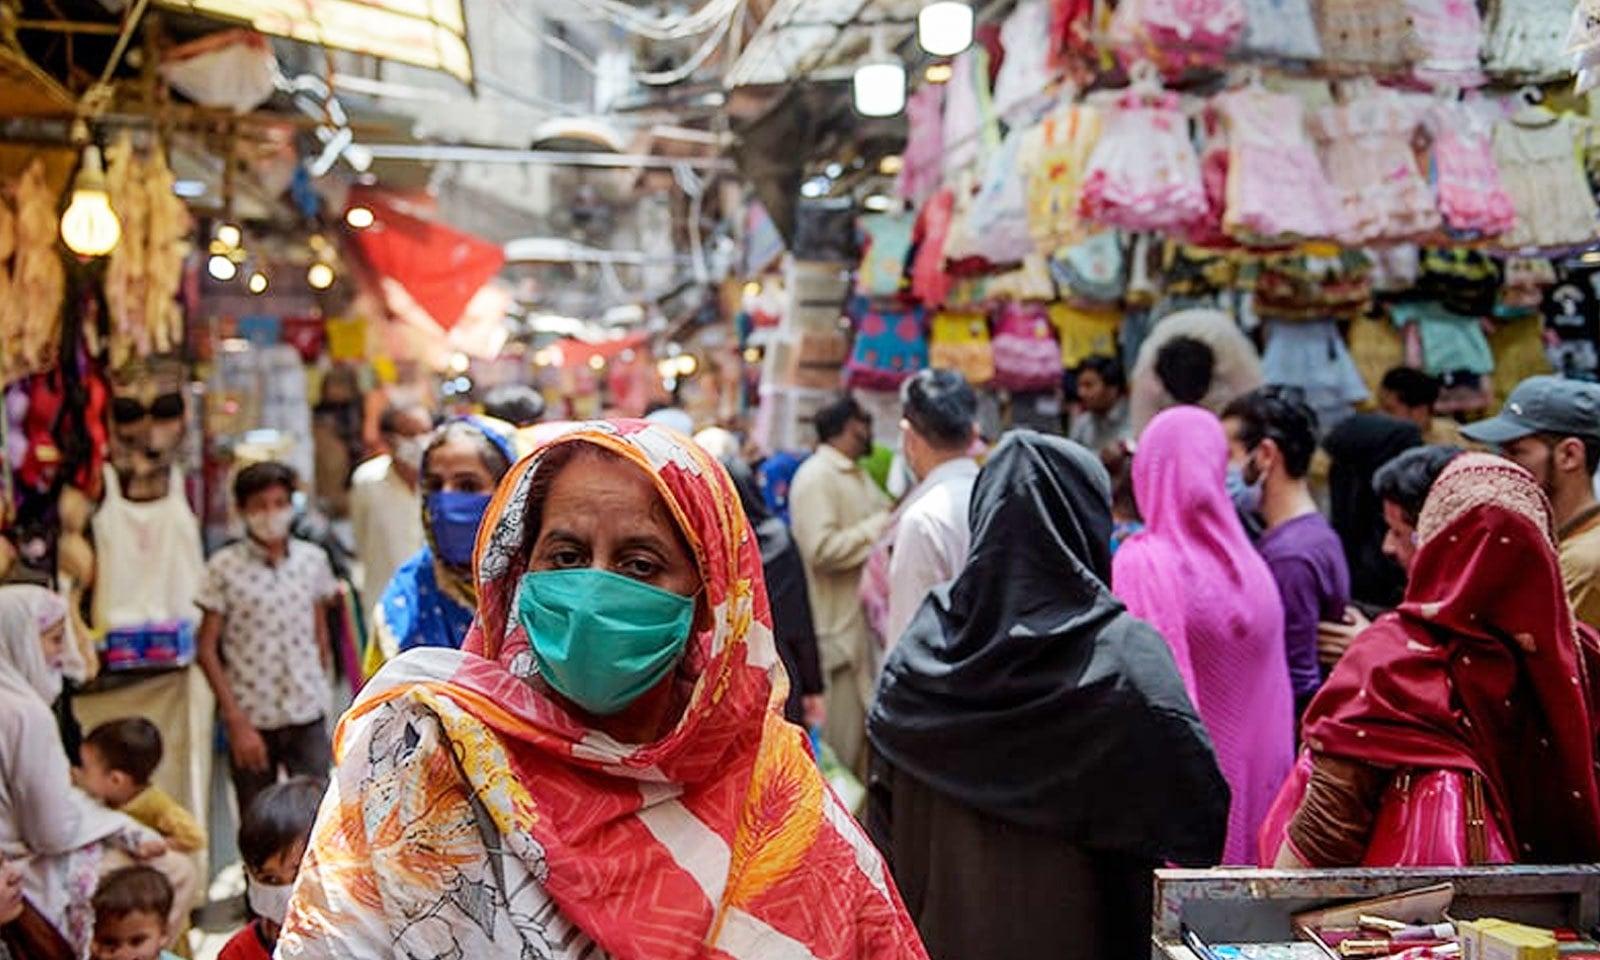 ٹیسٹ کرانے والے ہر 100 پاکستانیوں میں سے 7 کورونا کے مریض